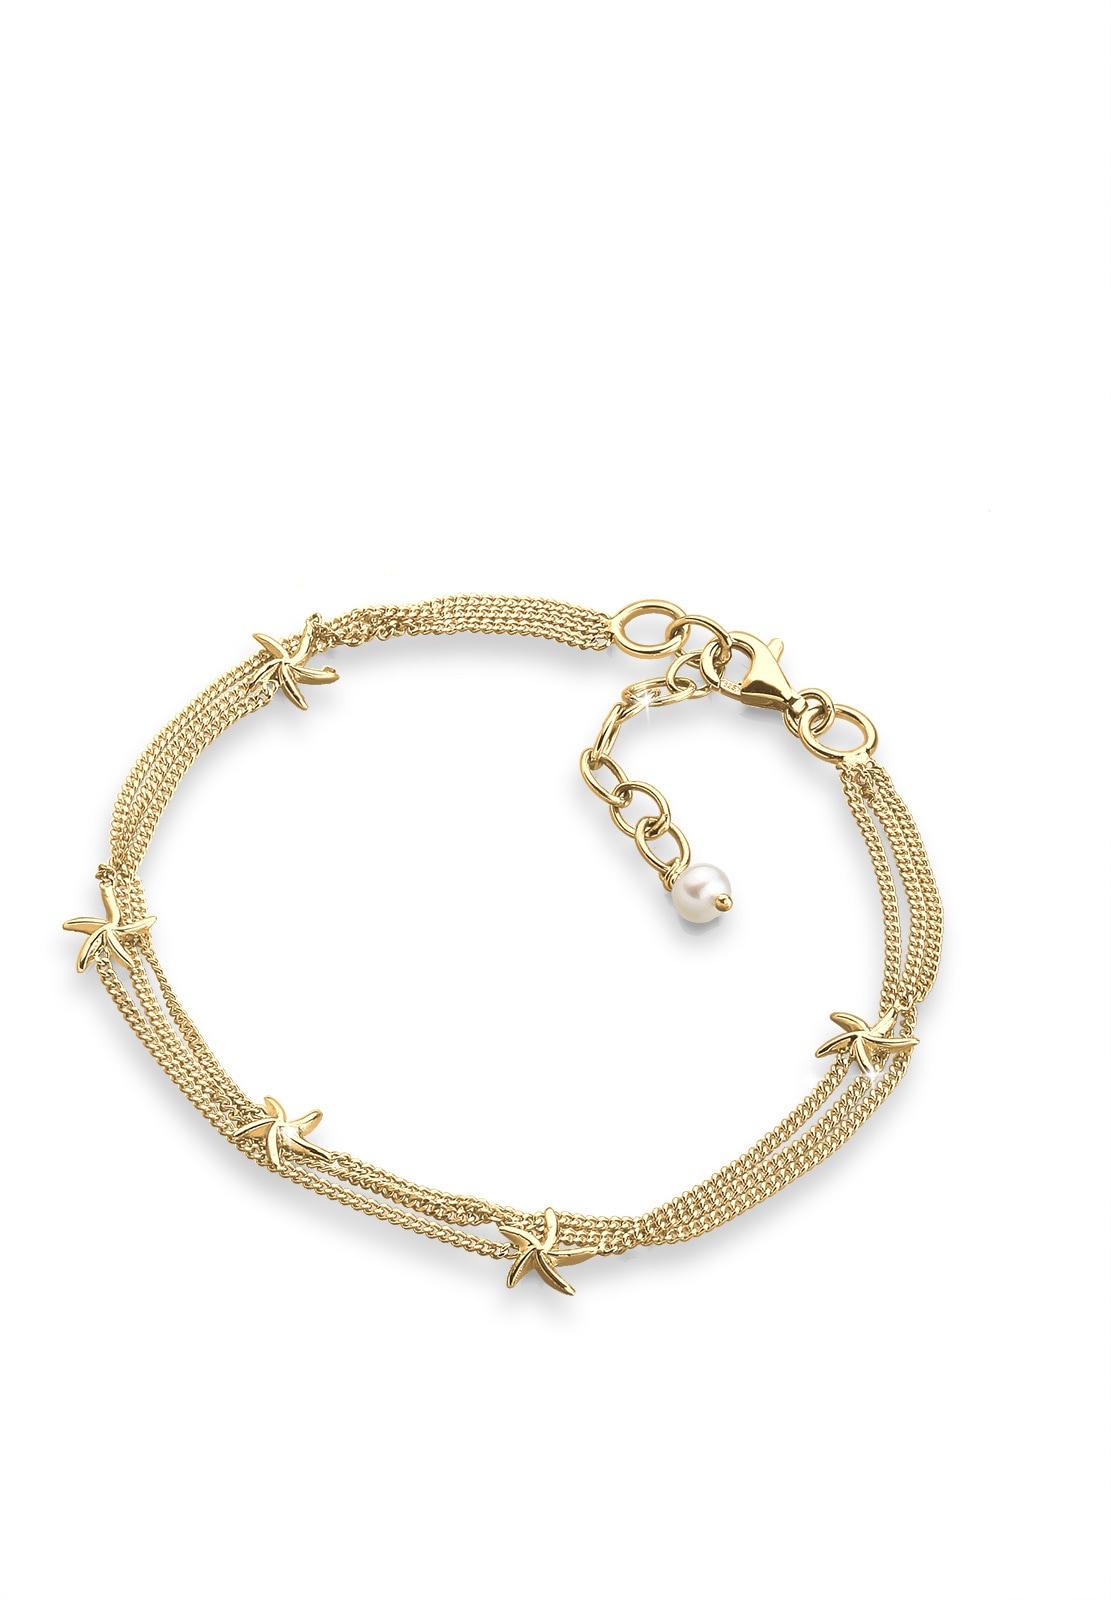 Elli Perlenarmband Seestern 925 Sterling Silber   Schmuck > Armbänder > Perlenarmbänder   Elli